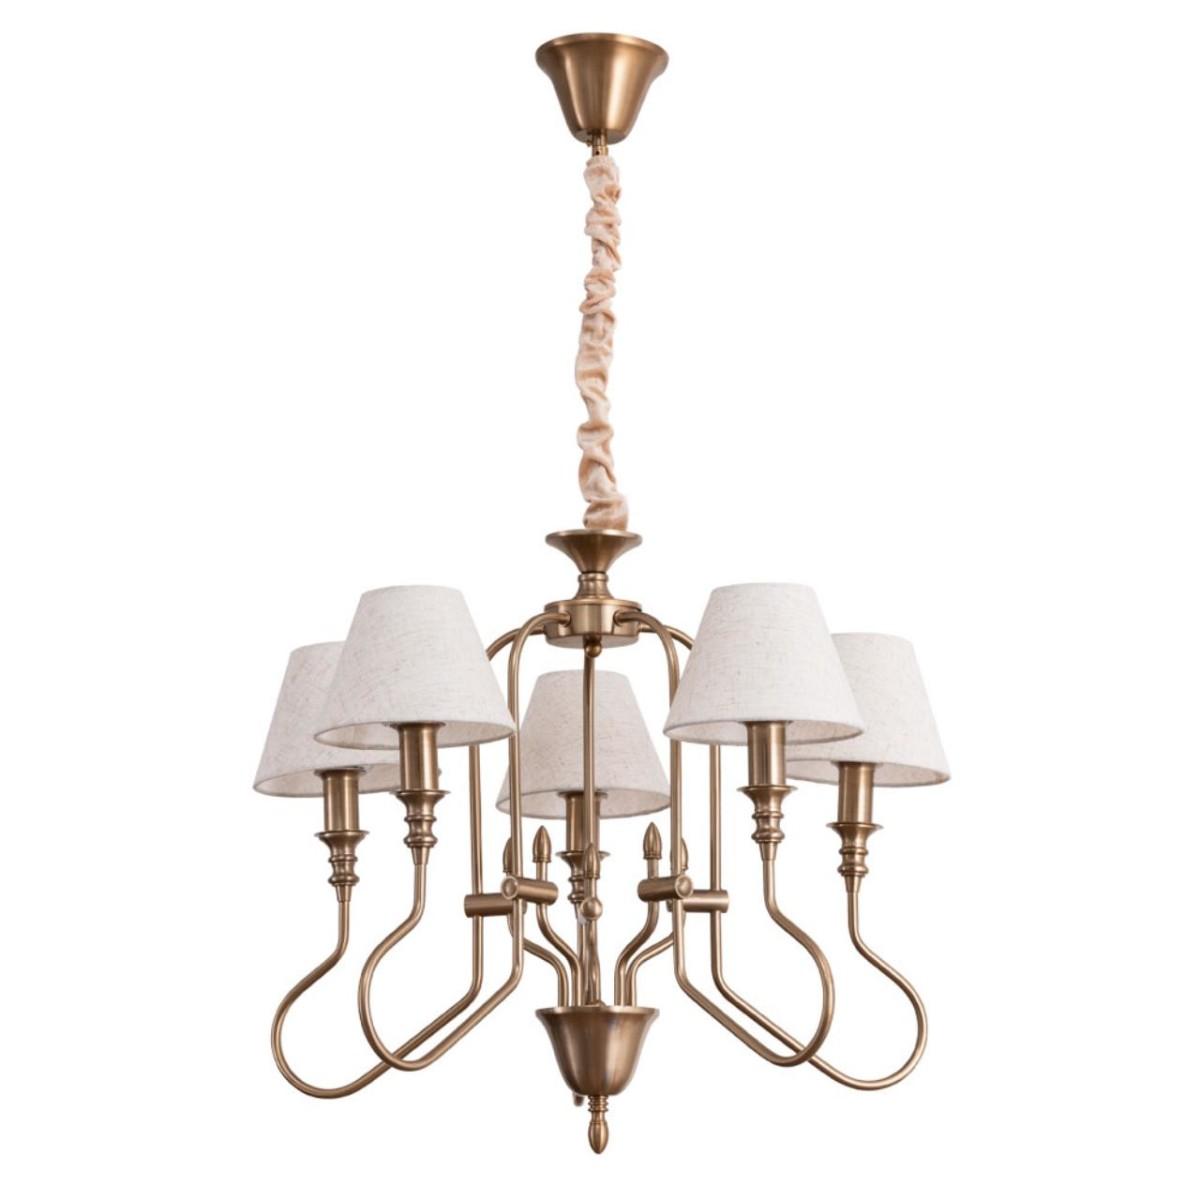 Люстра Arte Lamp Agio A6086LM-5PB E14 5 ламп